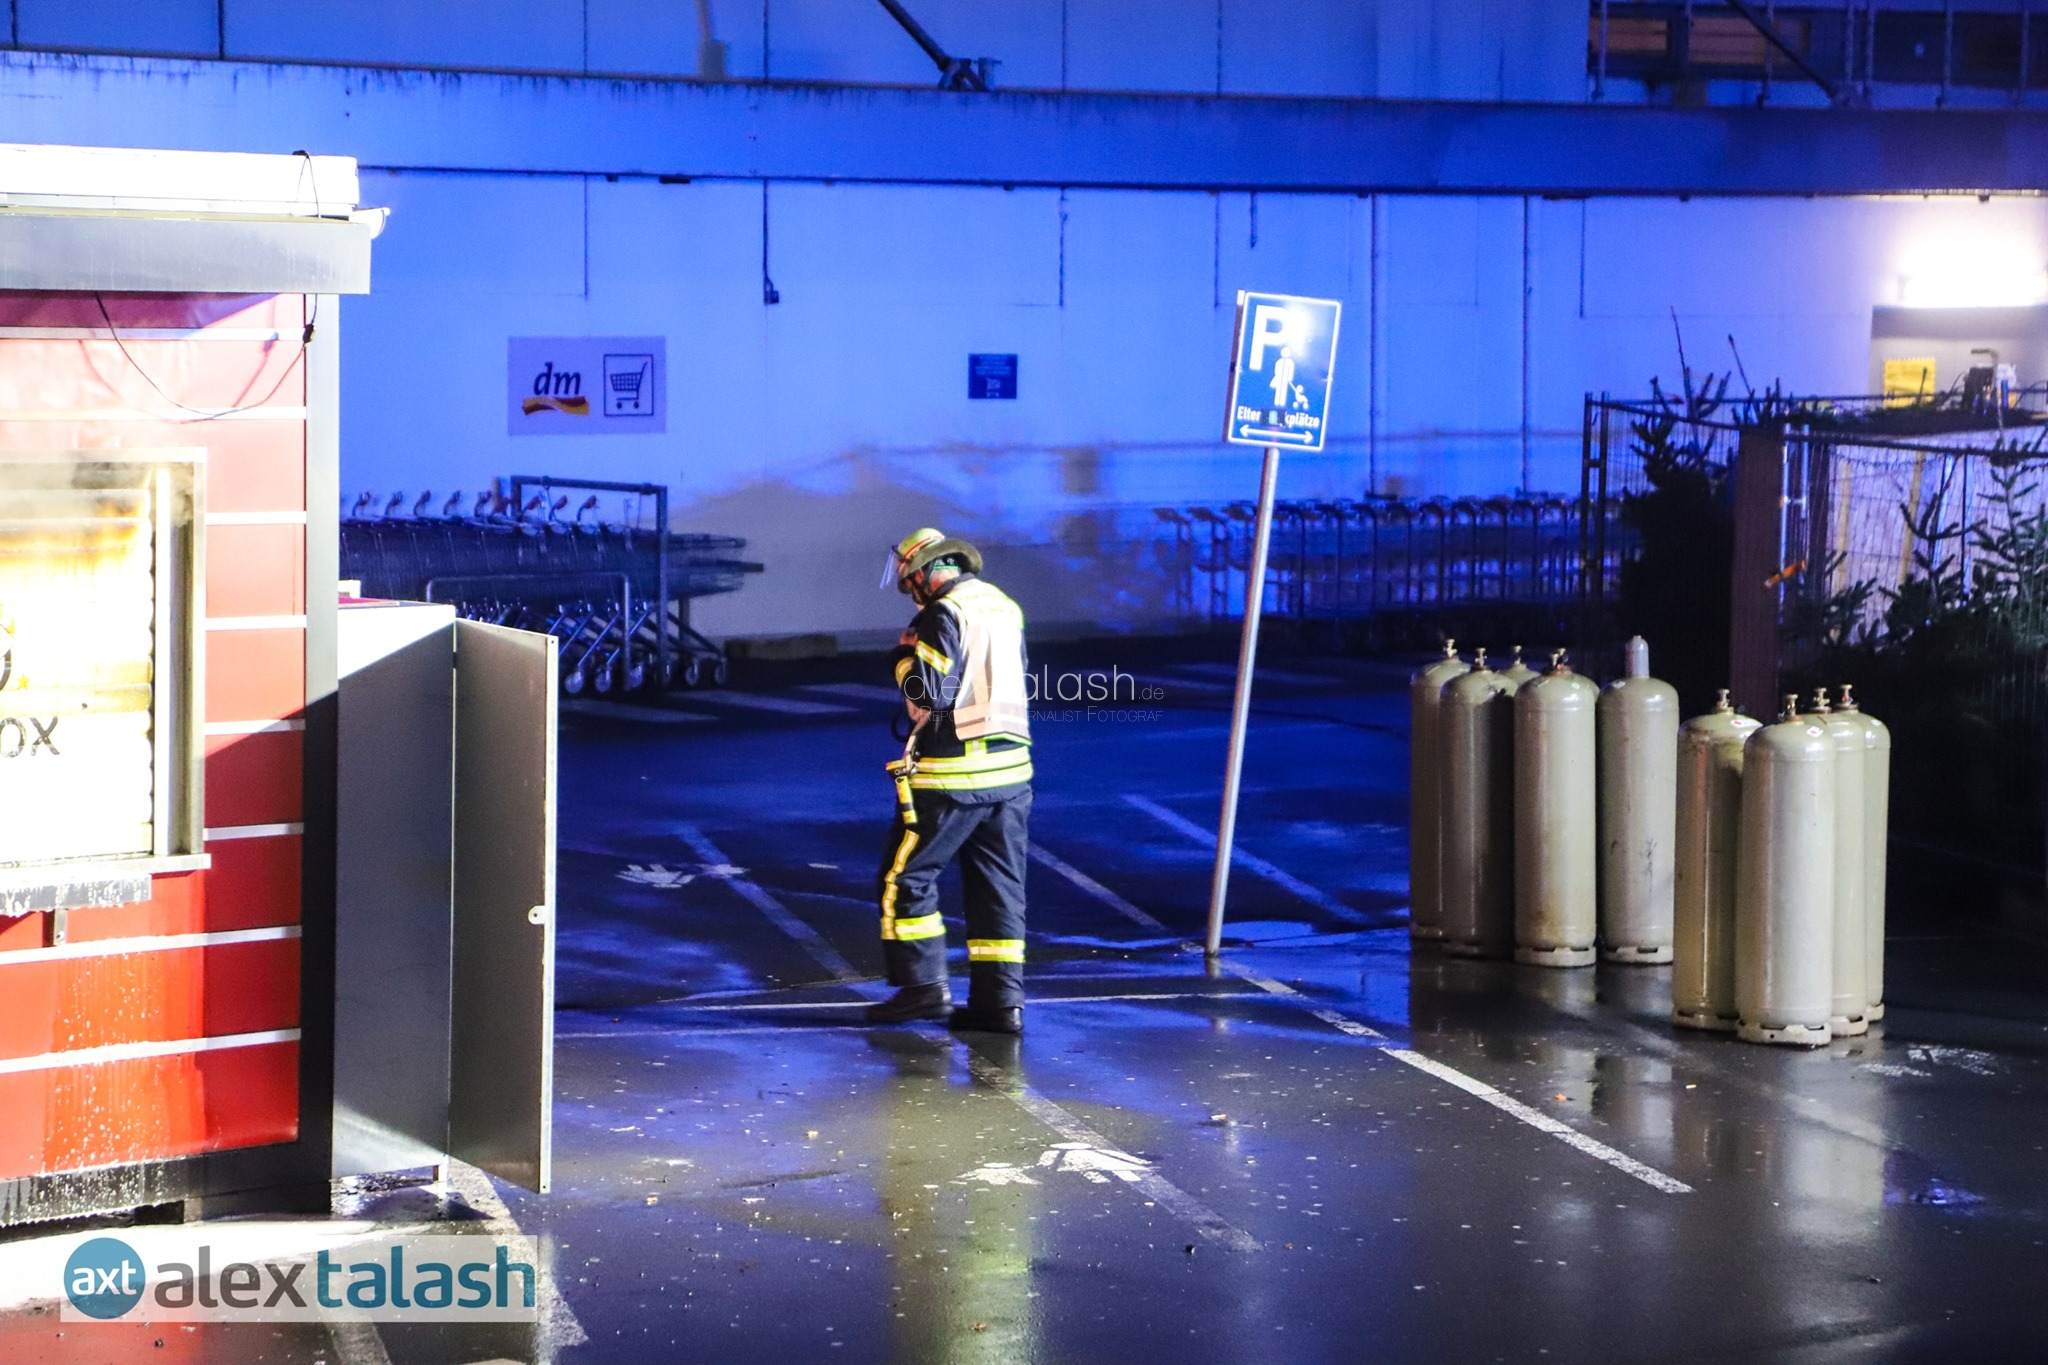 Brandstiftung: Imbissbude vor Real-Markt ausgebrannt